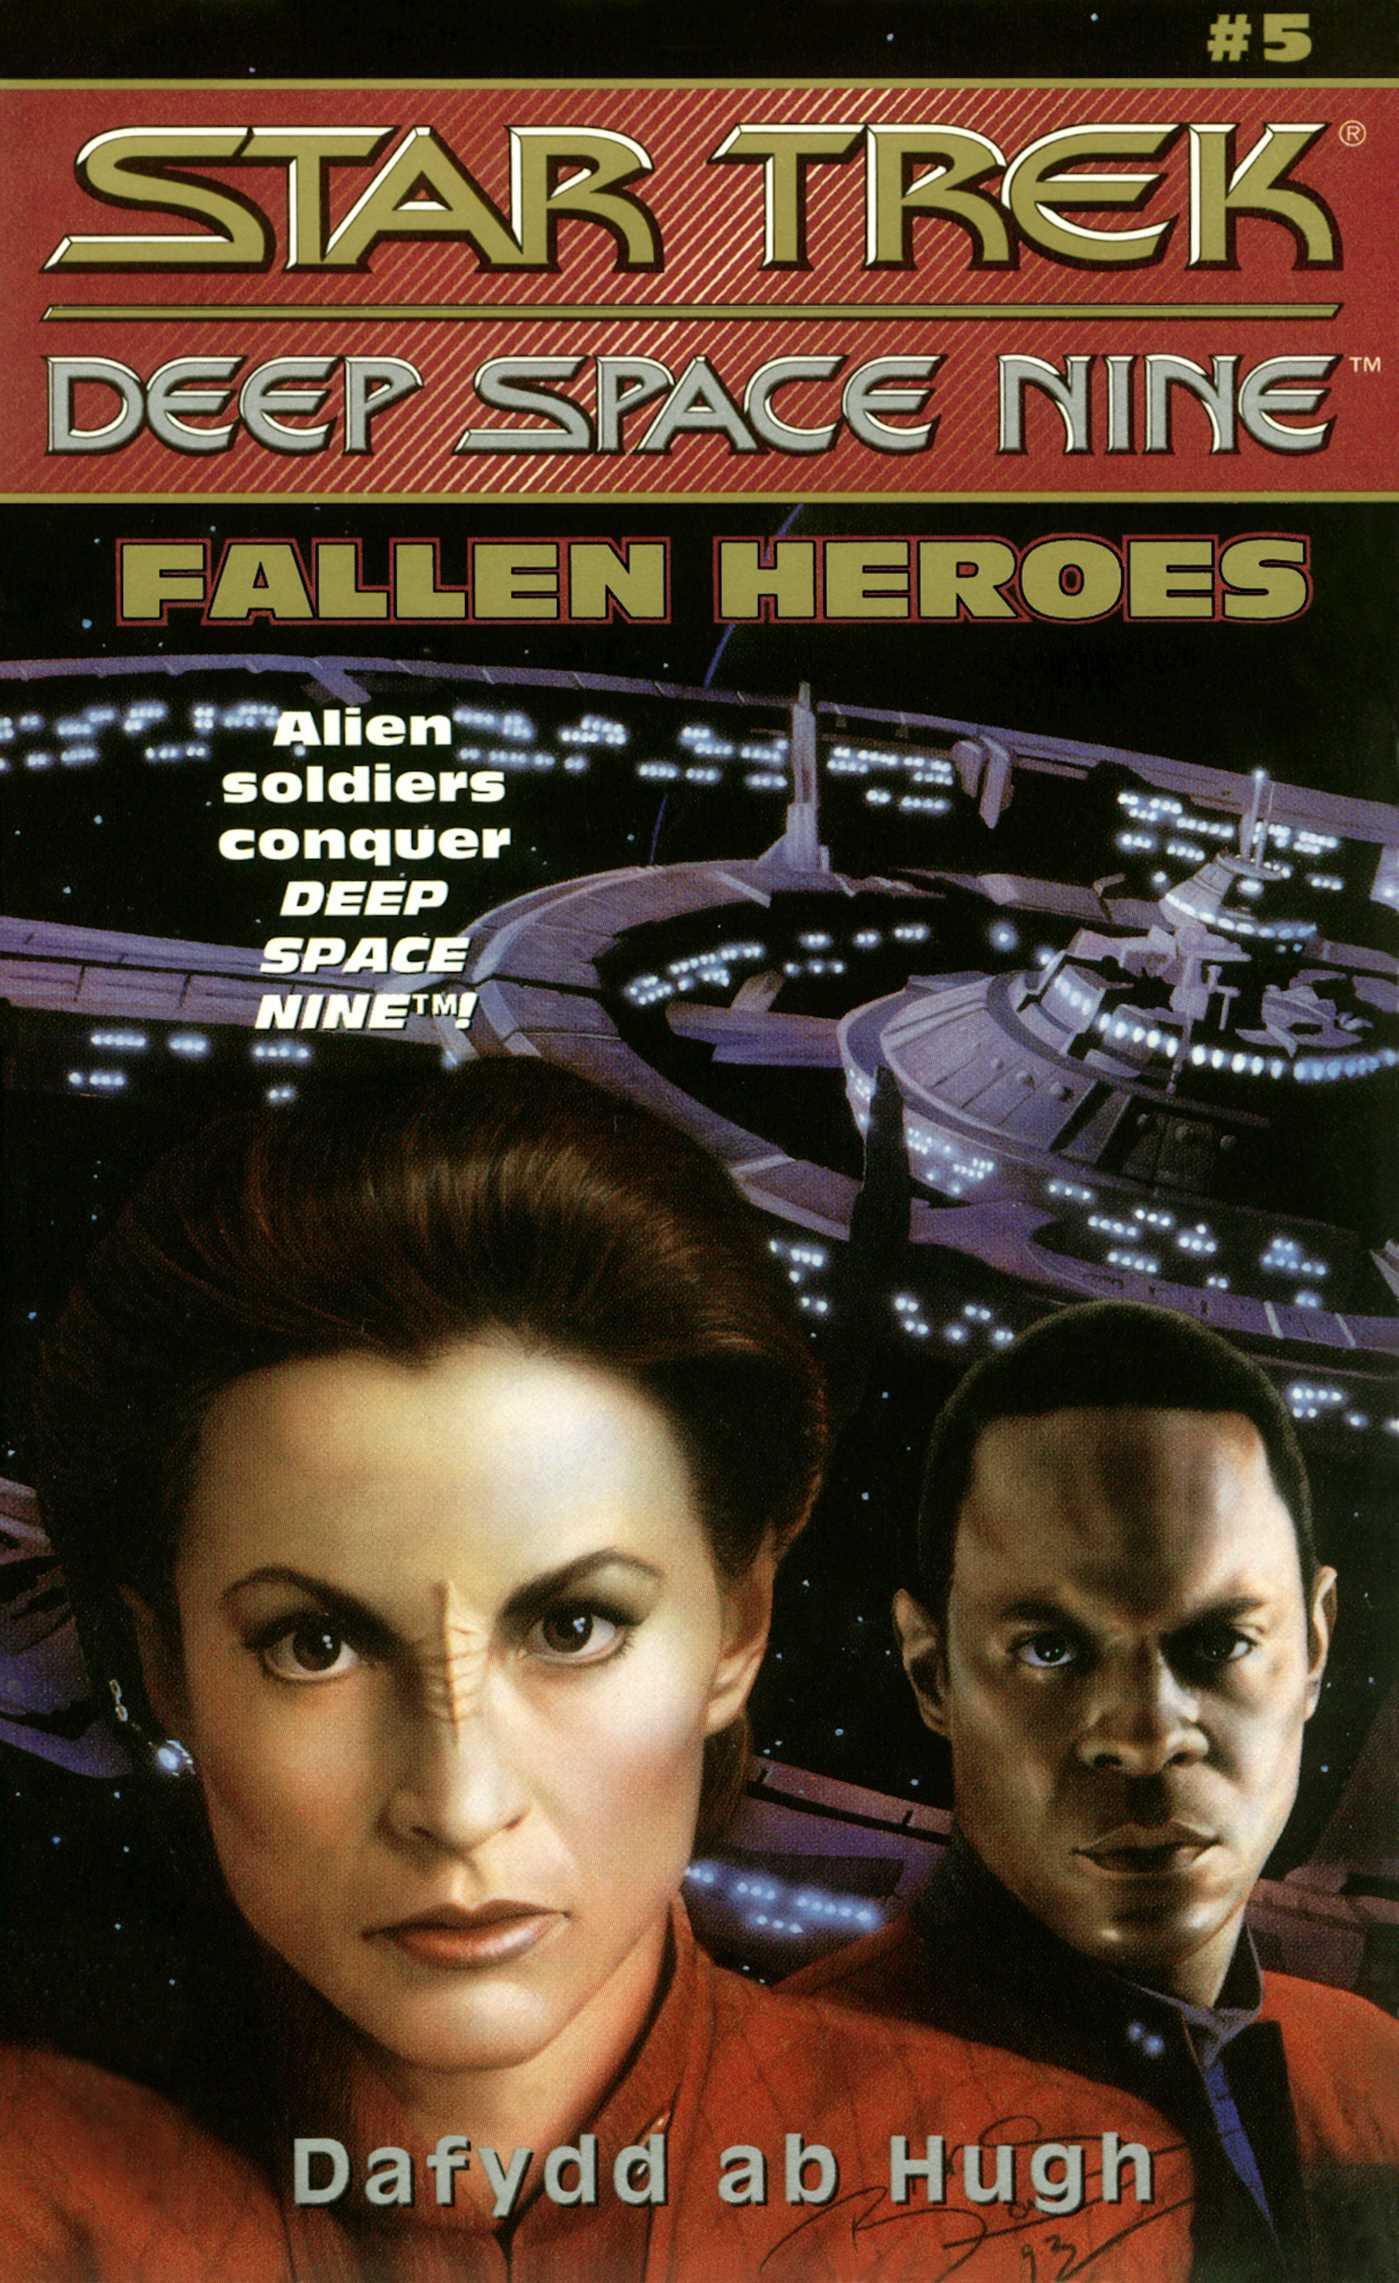 Fallen heroes 9780671041144 hr